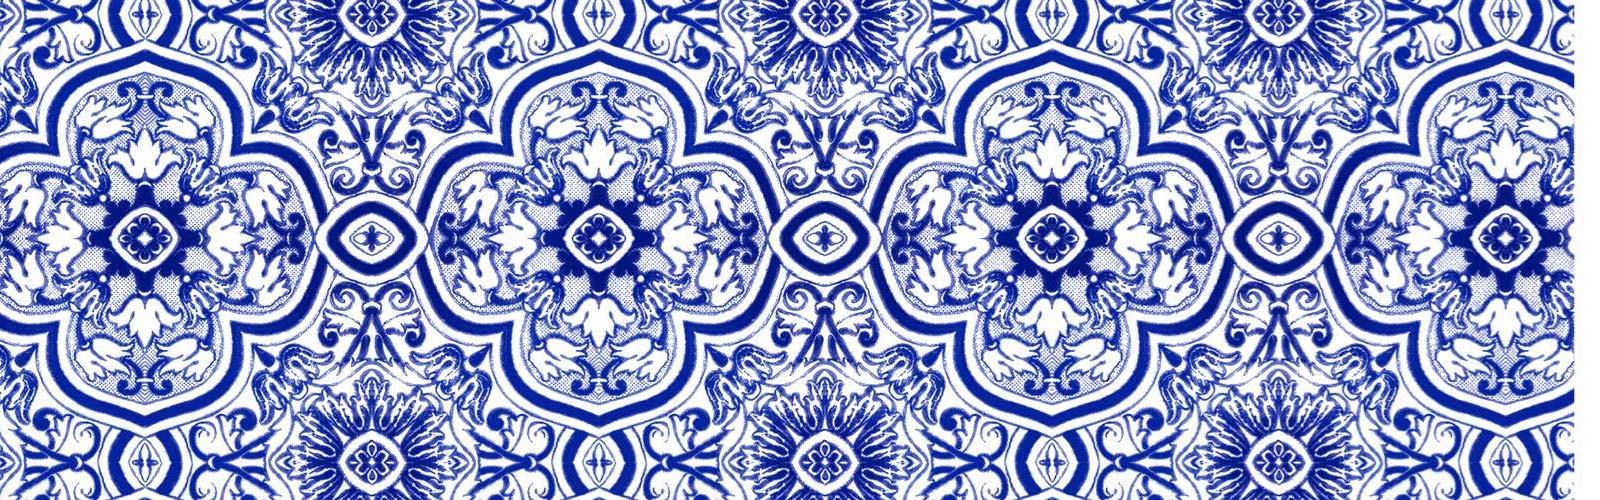 Azulejos portugueses for Azulejos de portugal